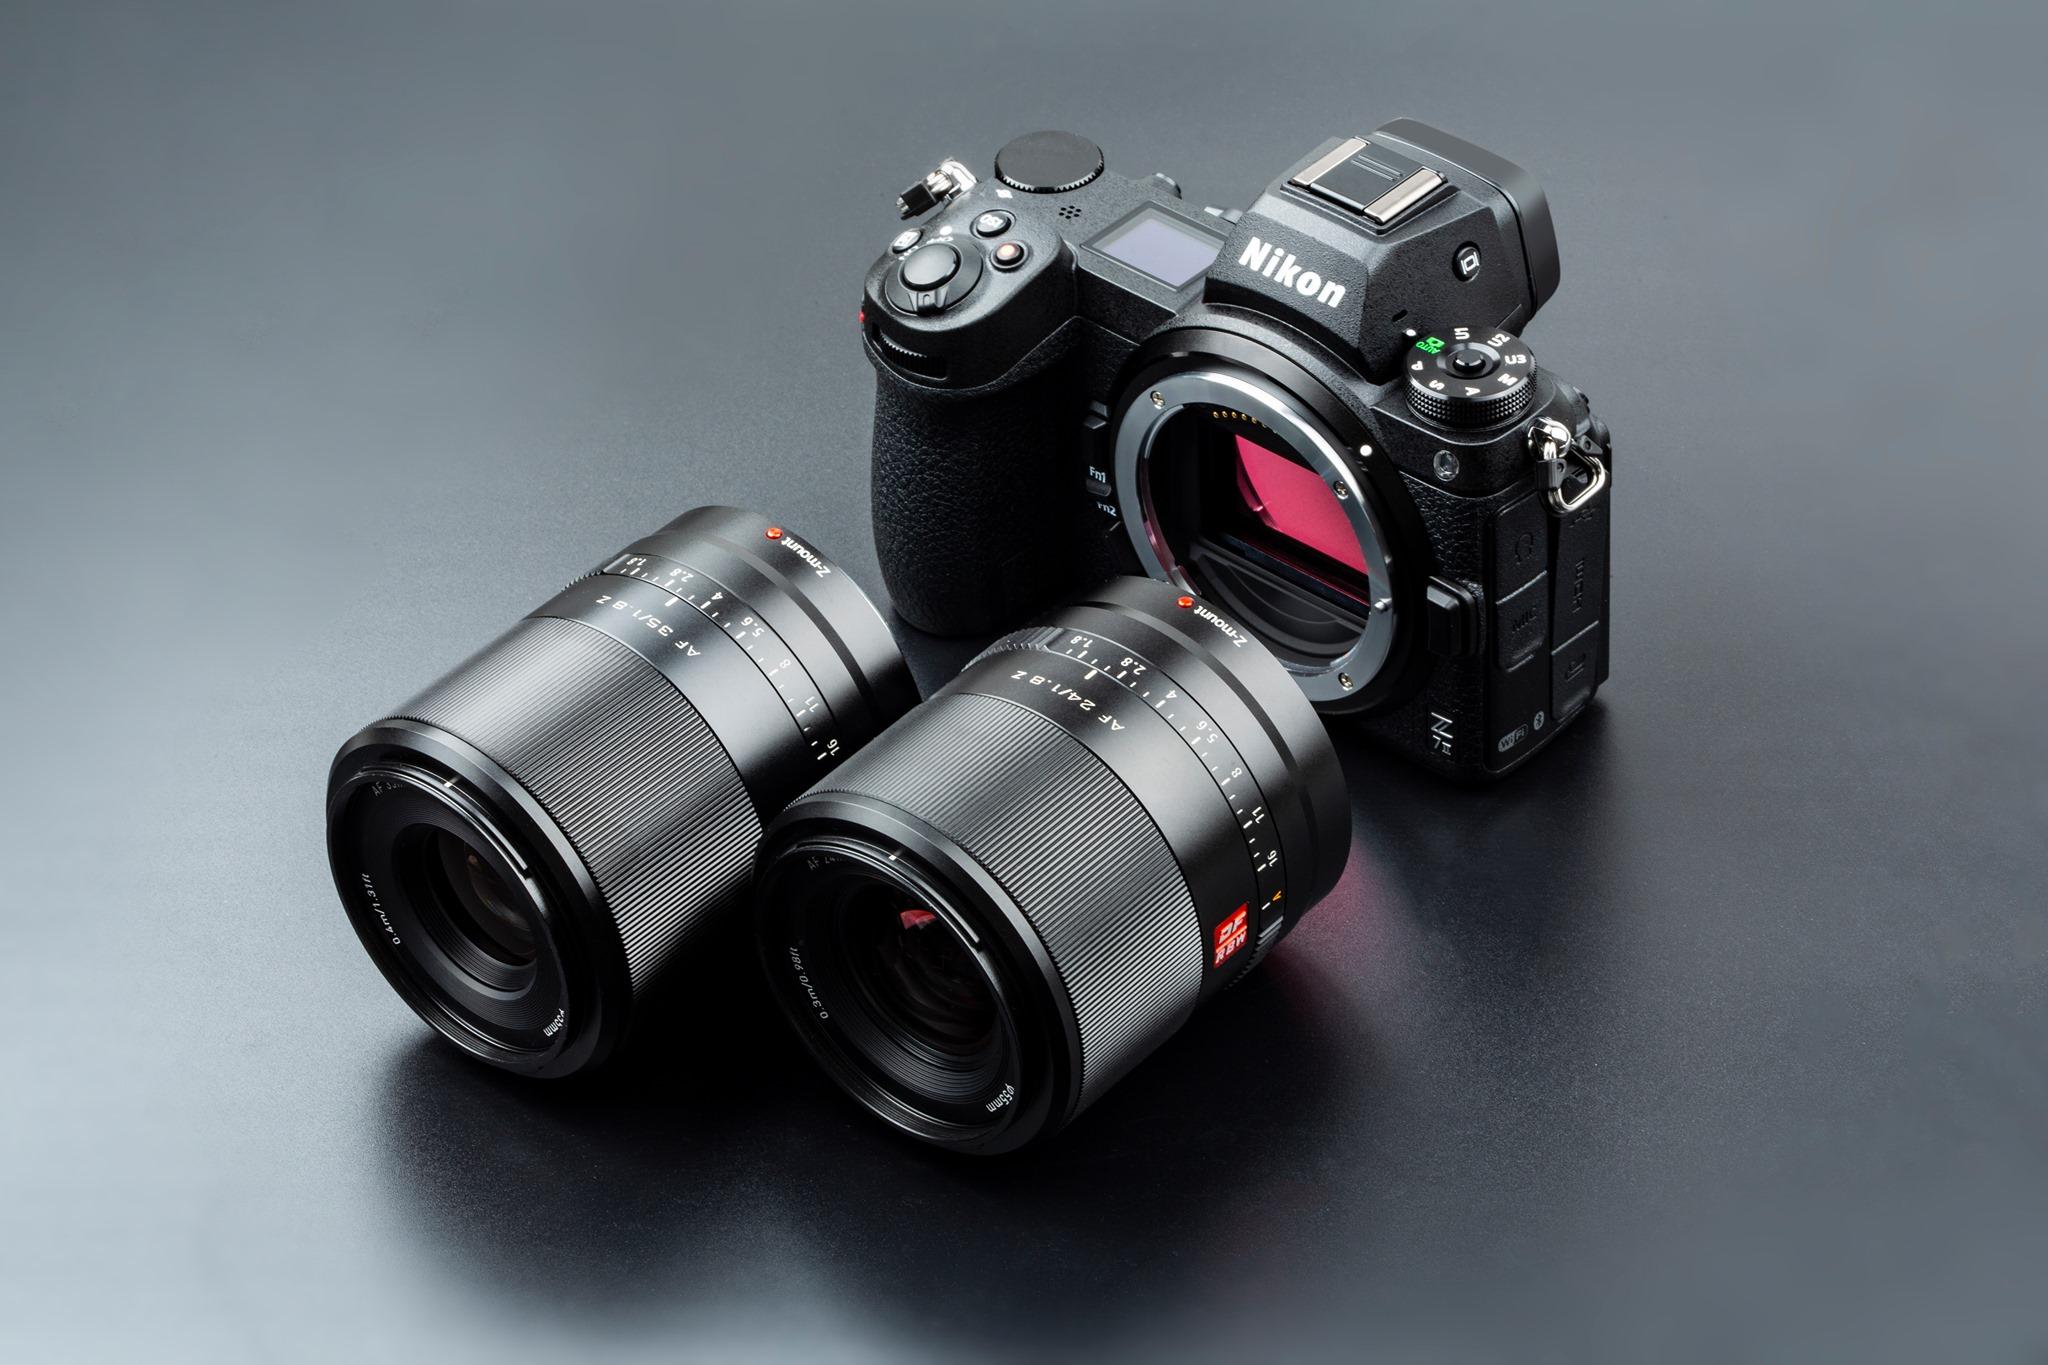 Объективы Viltrox AF 24mm f/1.8 Z и AF 35mm f/1.8 Z и камера Nikon Z7 II